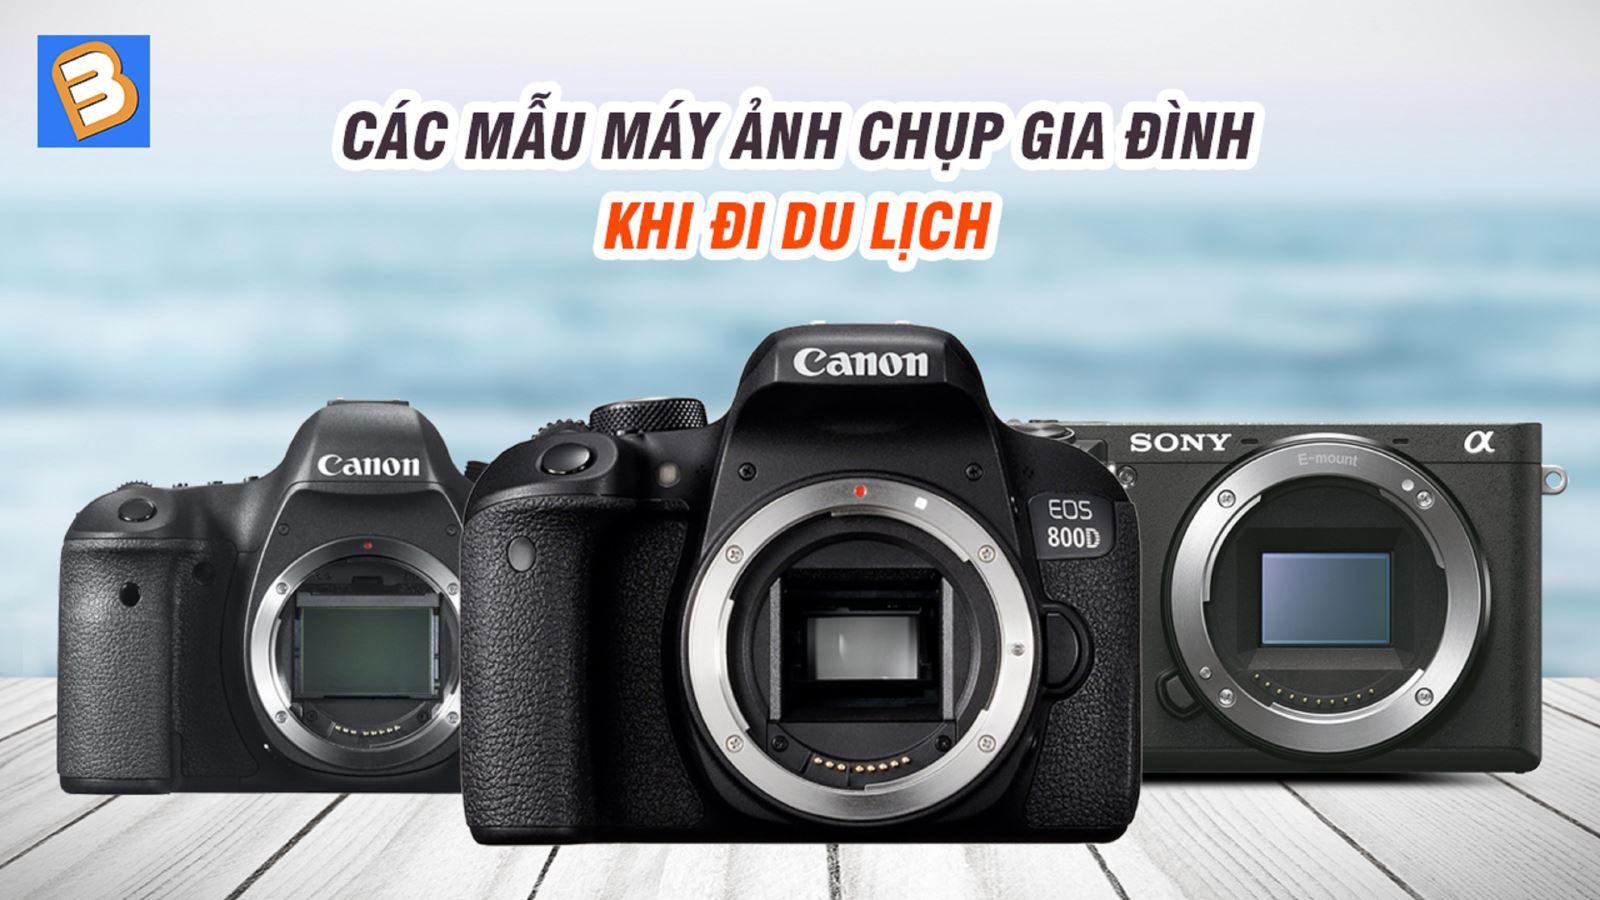 Các mẫu máy ảnh chụp gia đình khi đi du lịch